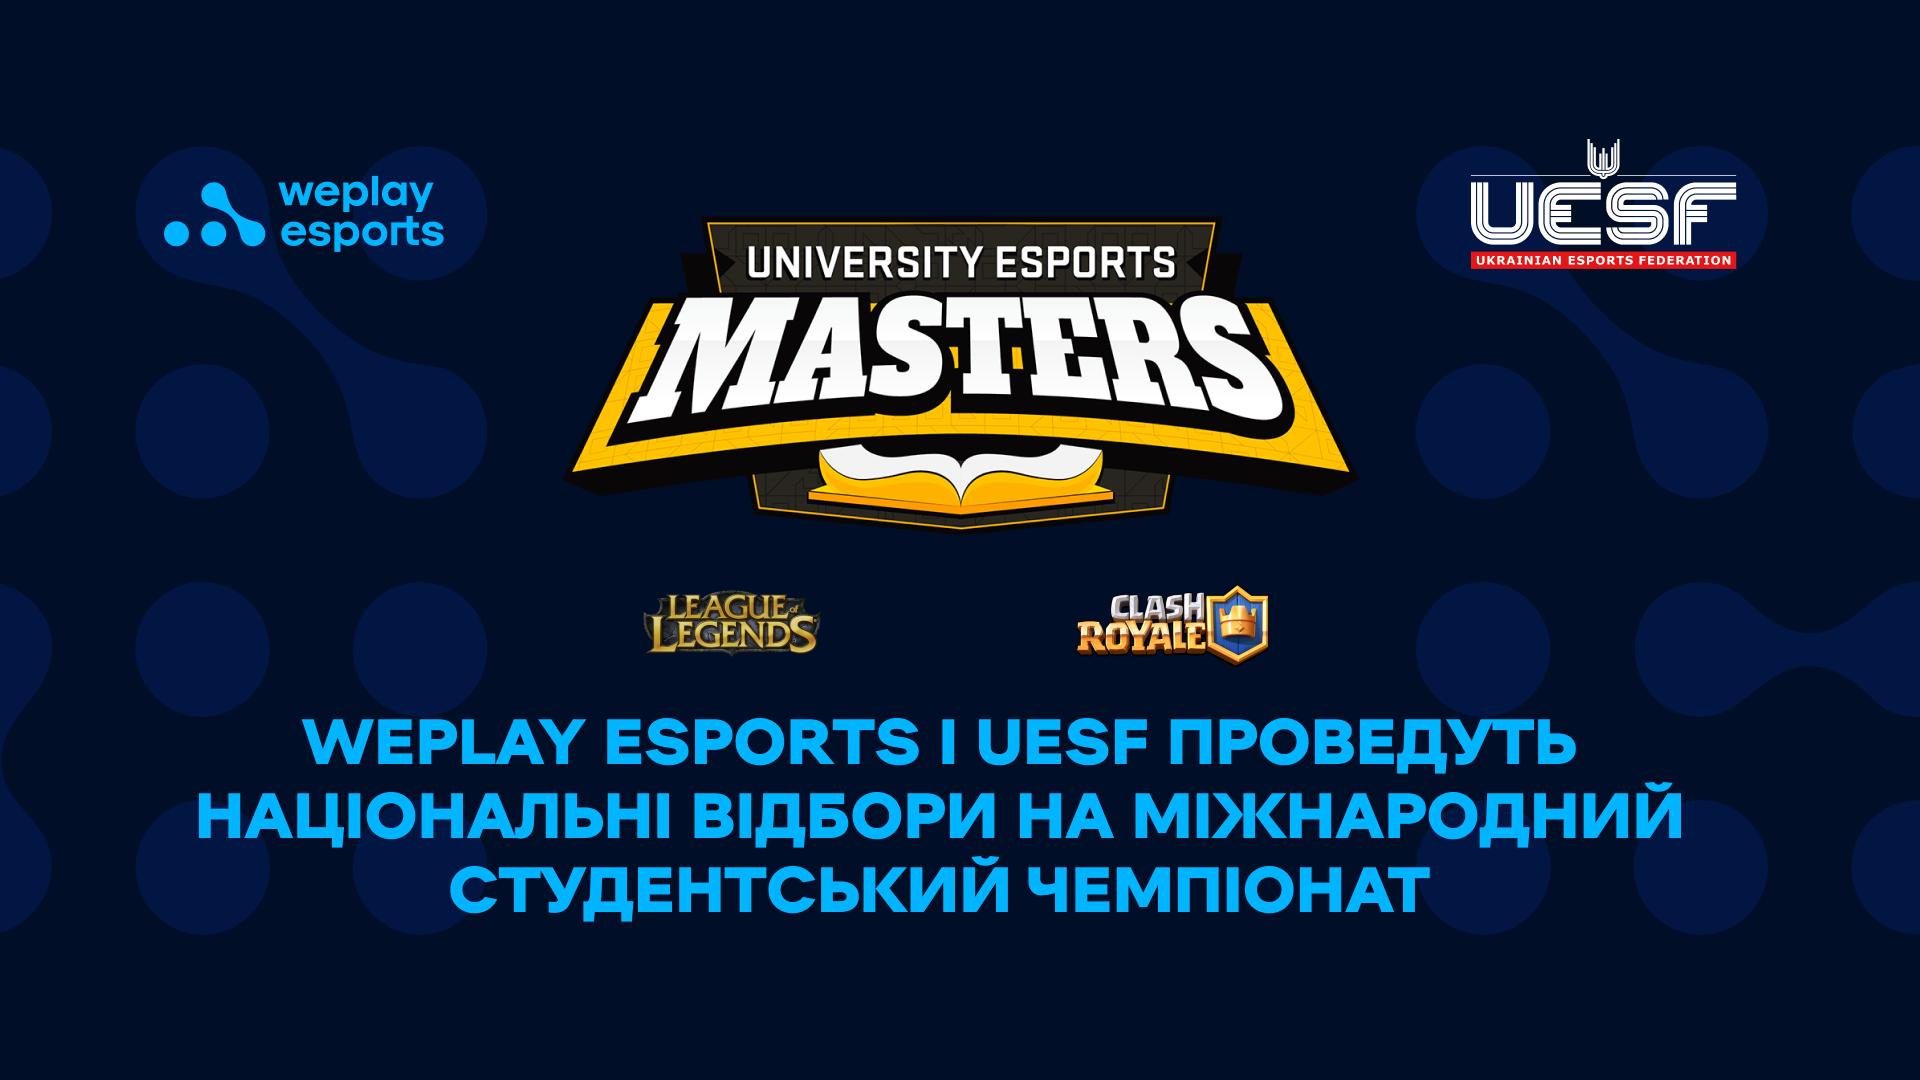 WePlay Esports і UESF проведуть національні відбори на міжнародний студентський чемпіонат